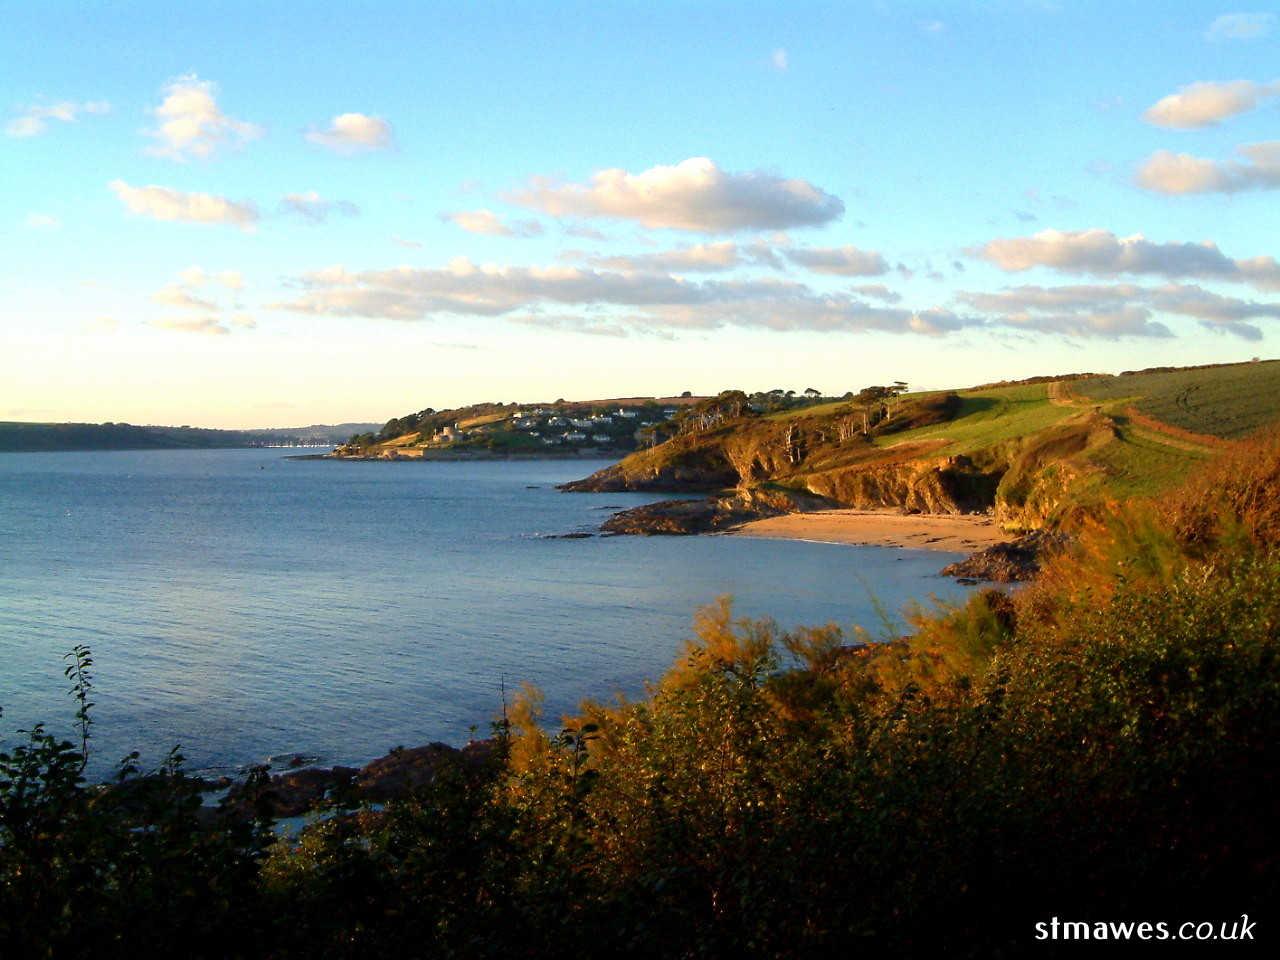 St Mawes coastline